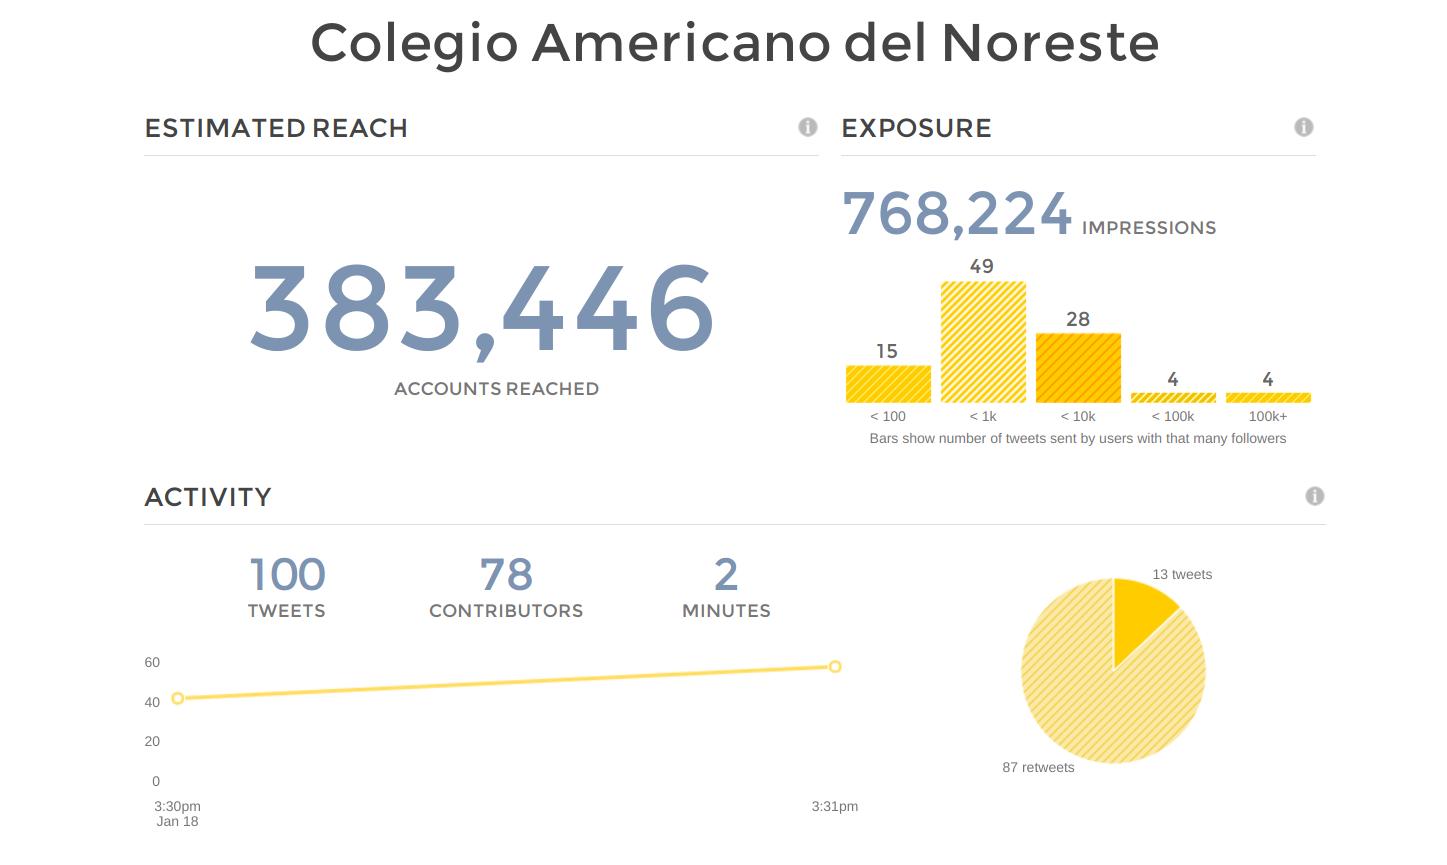 colegio_americano_del_noreste_tweet_reach